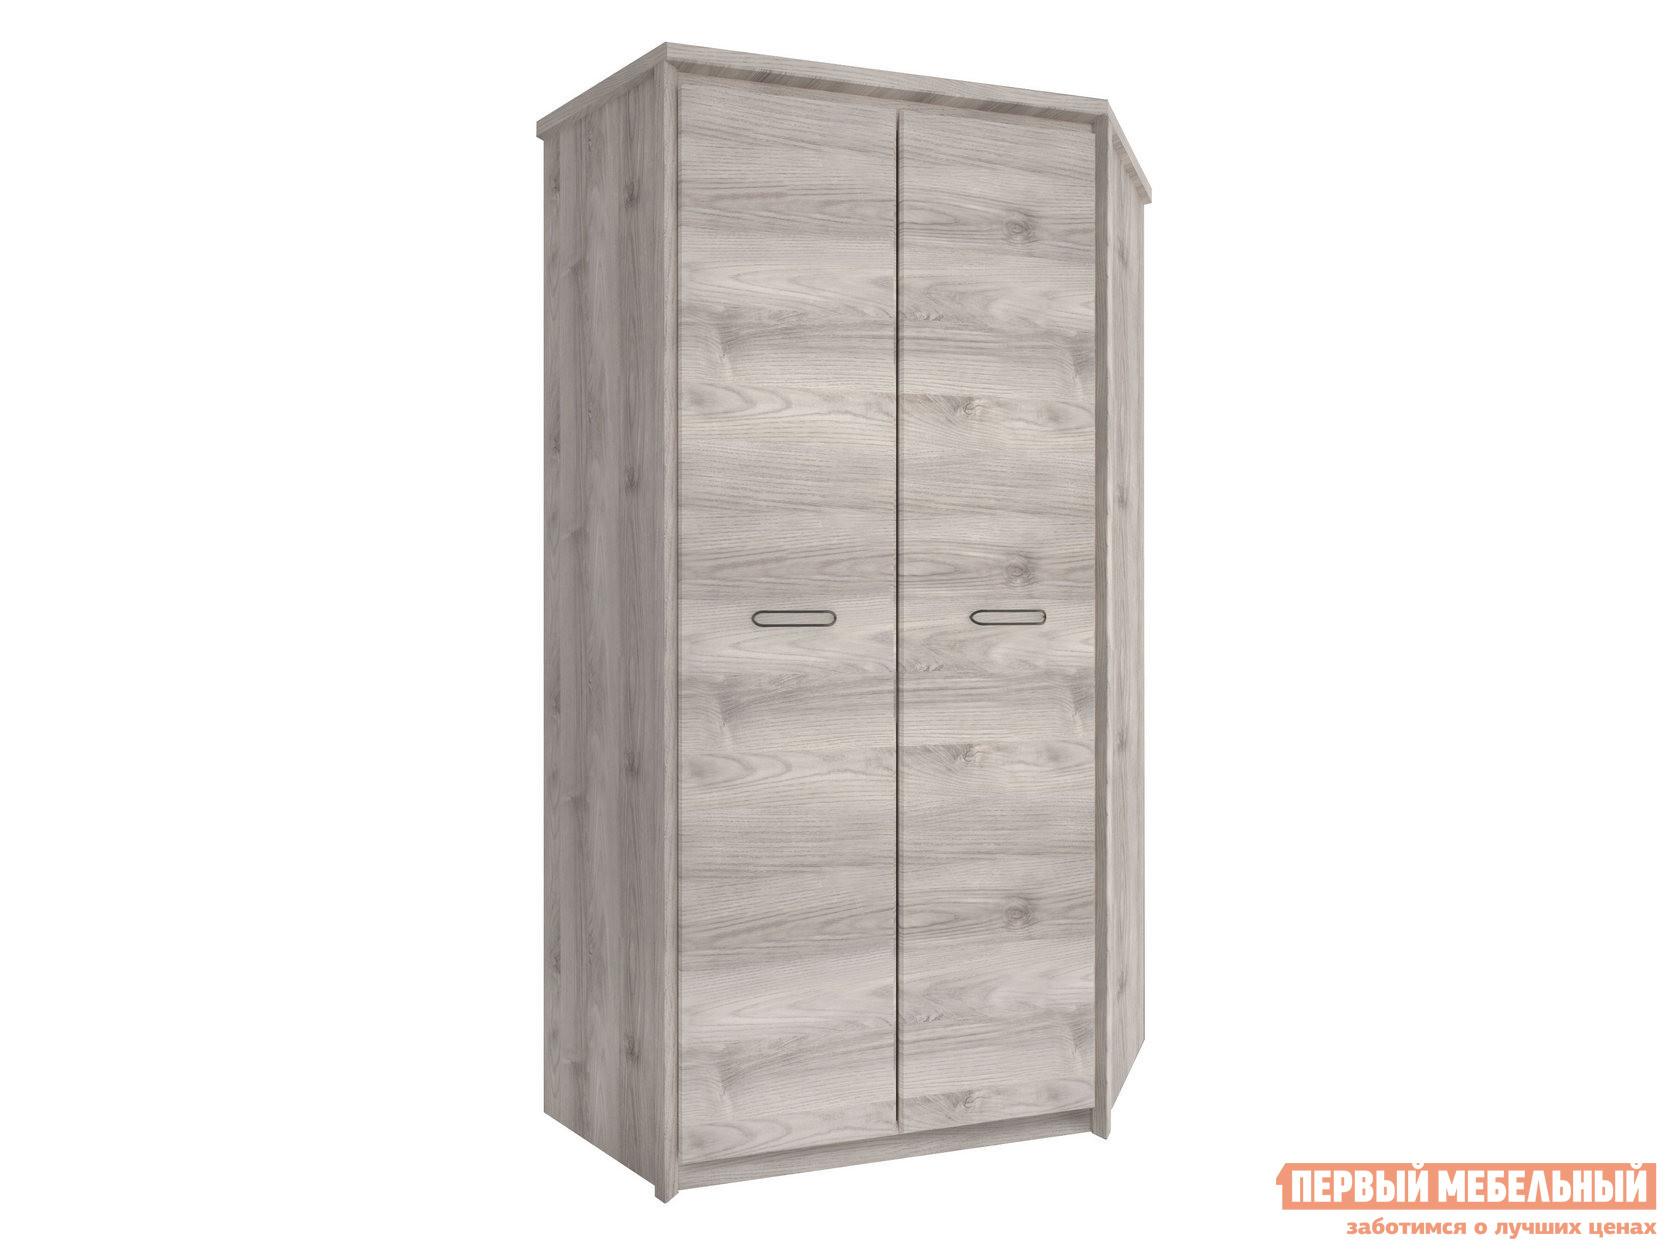 Шкаф распашной Первый Мебельный Шкаф угловой Джаз